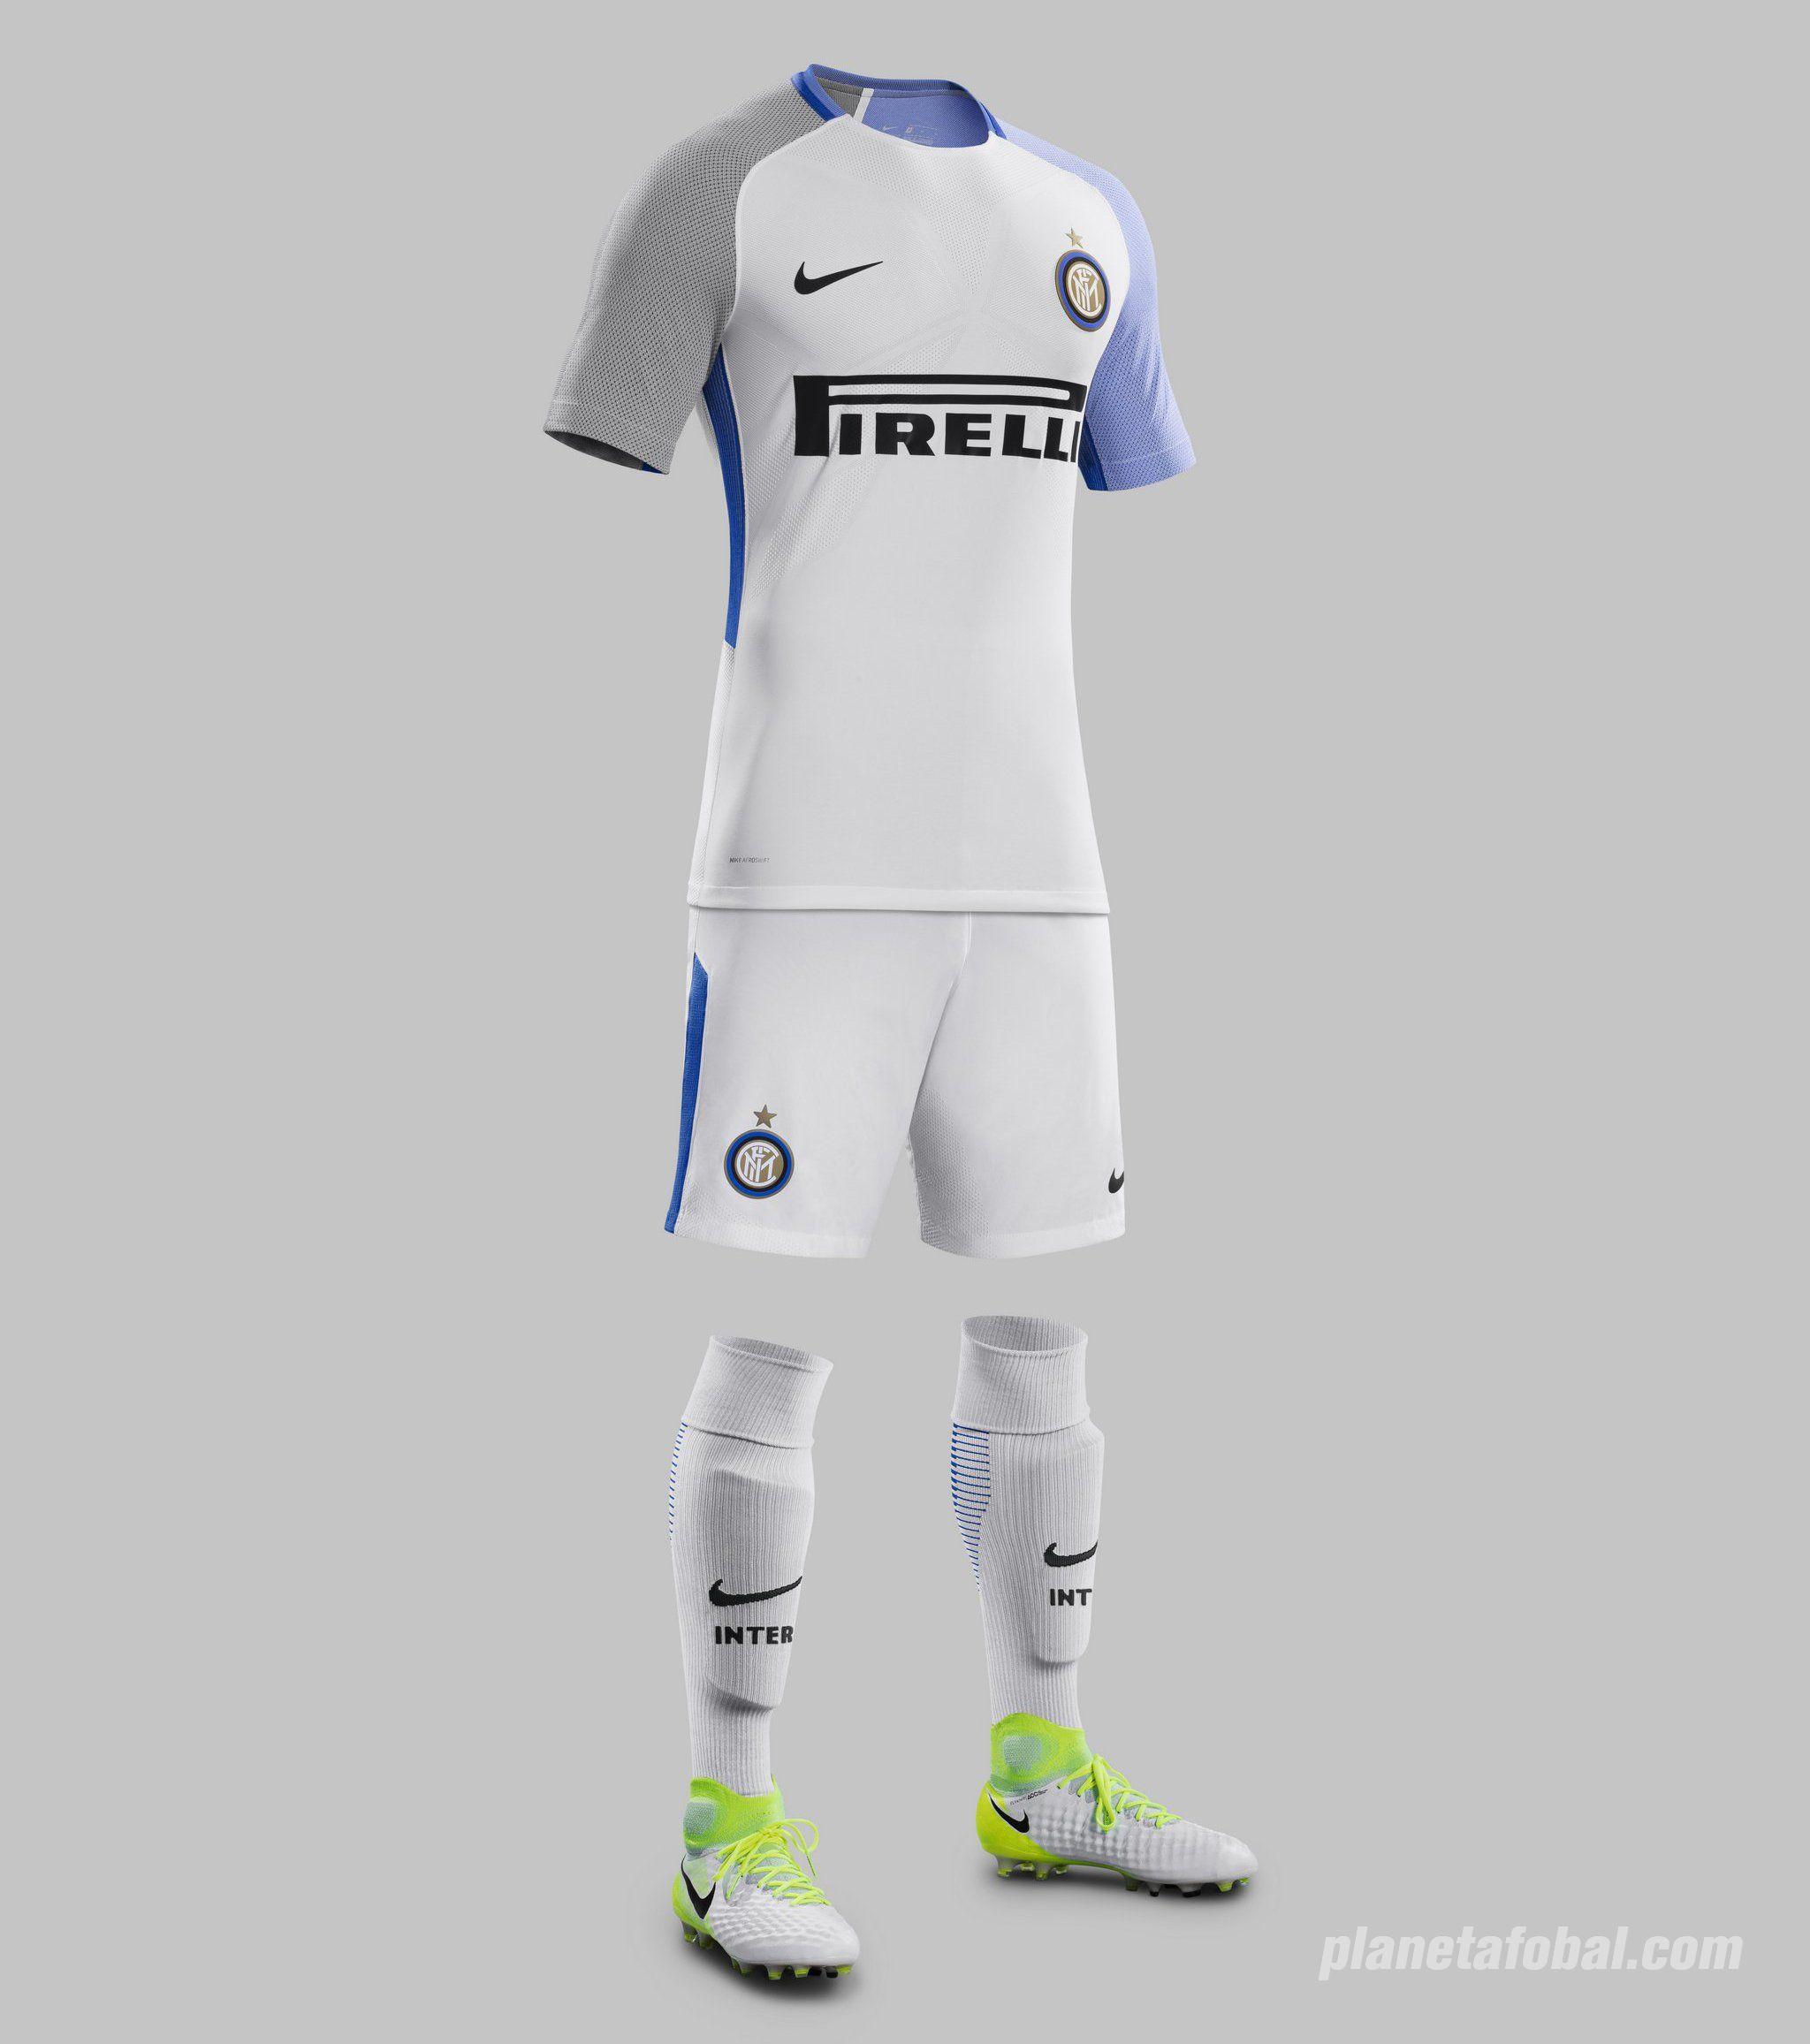 Camiseta suplente 2017-18 del Inter de Milán | Foto Nike